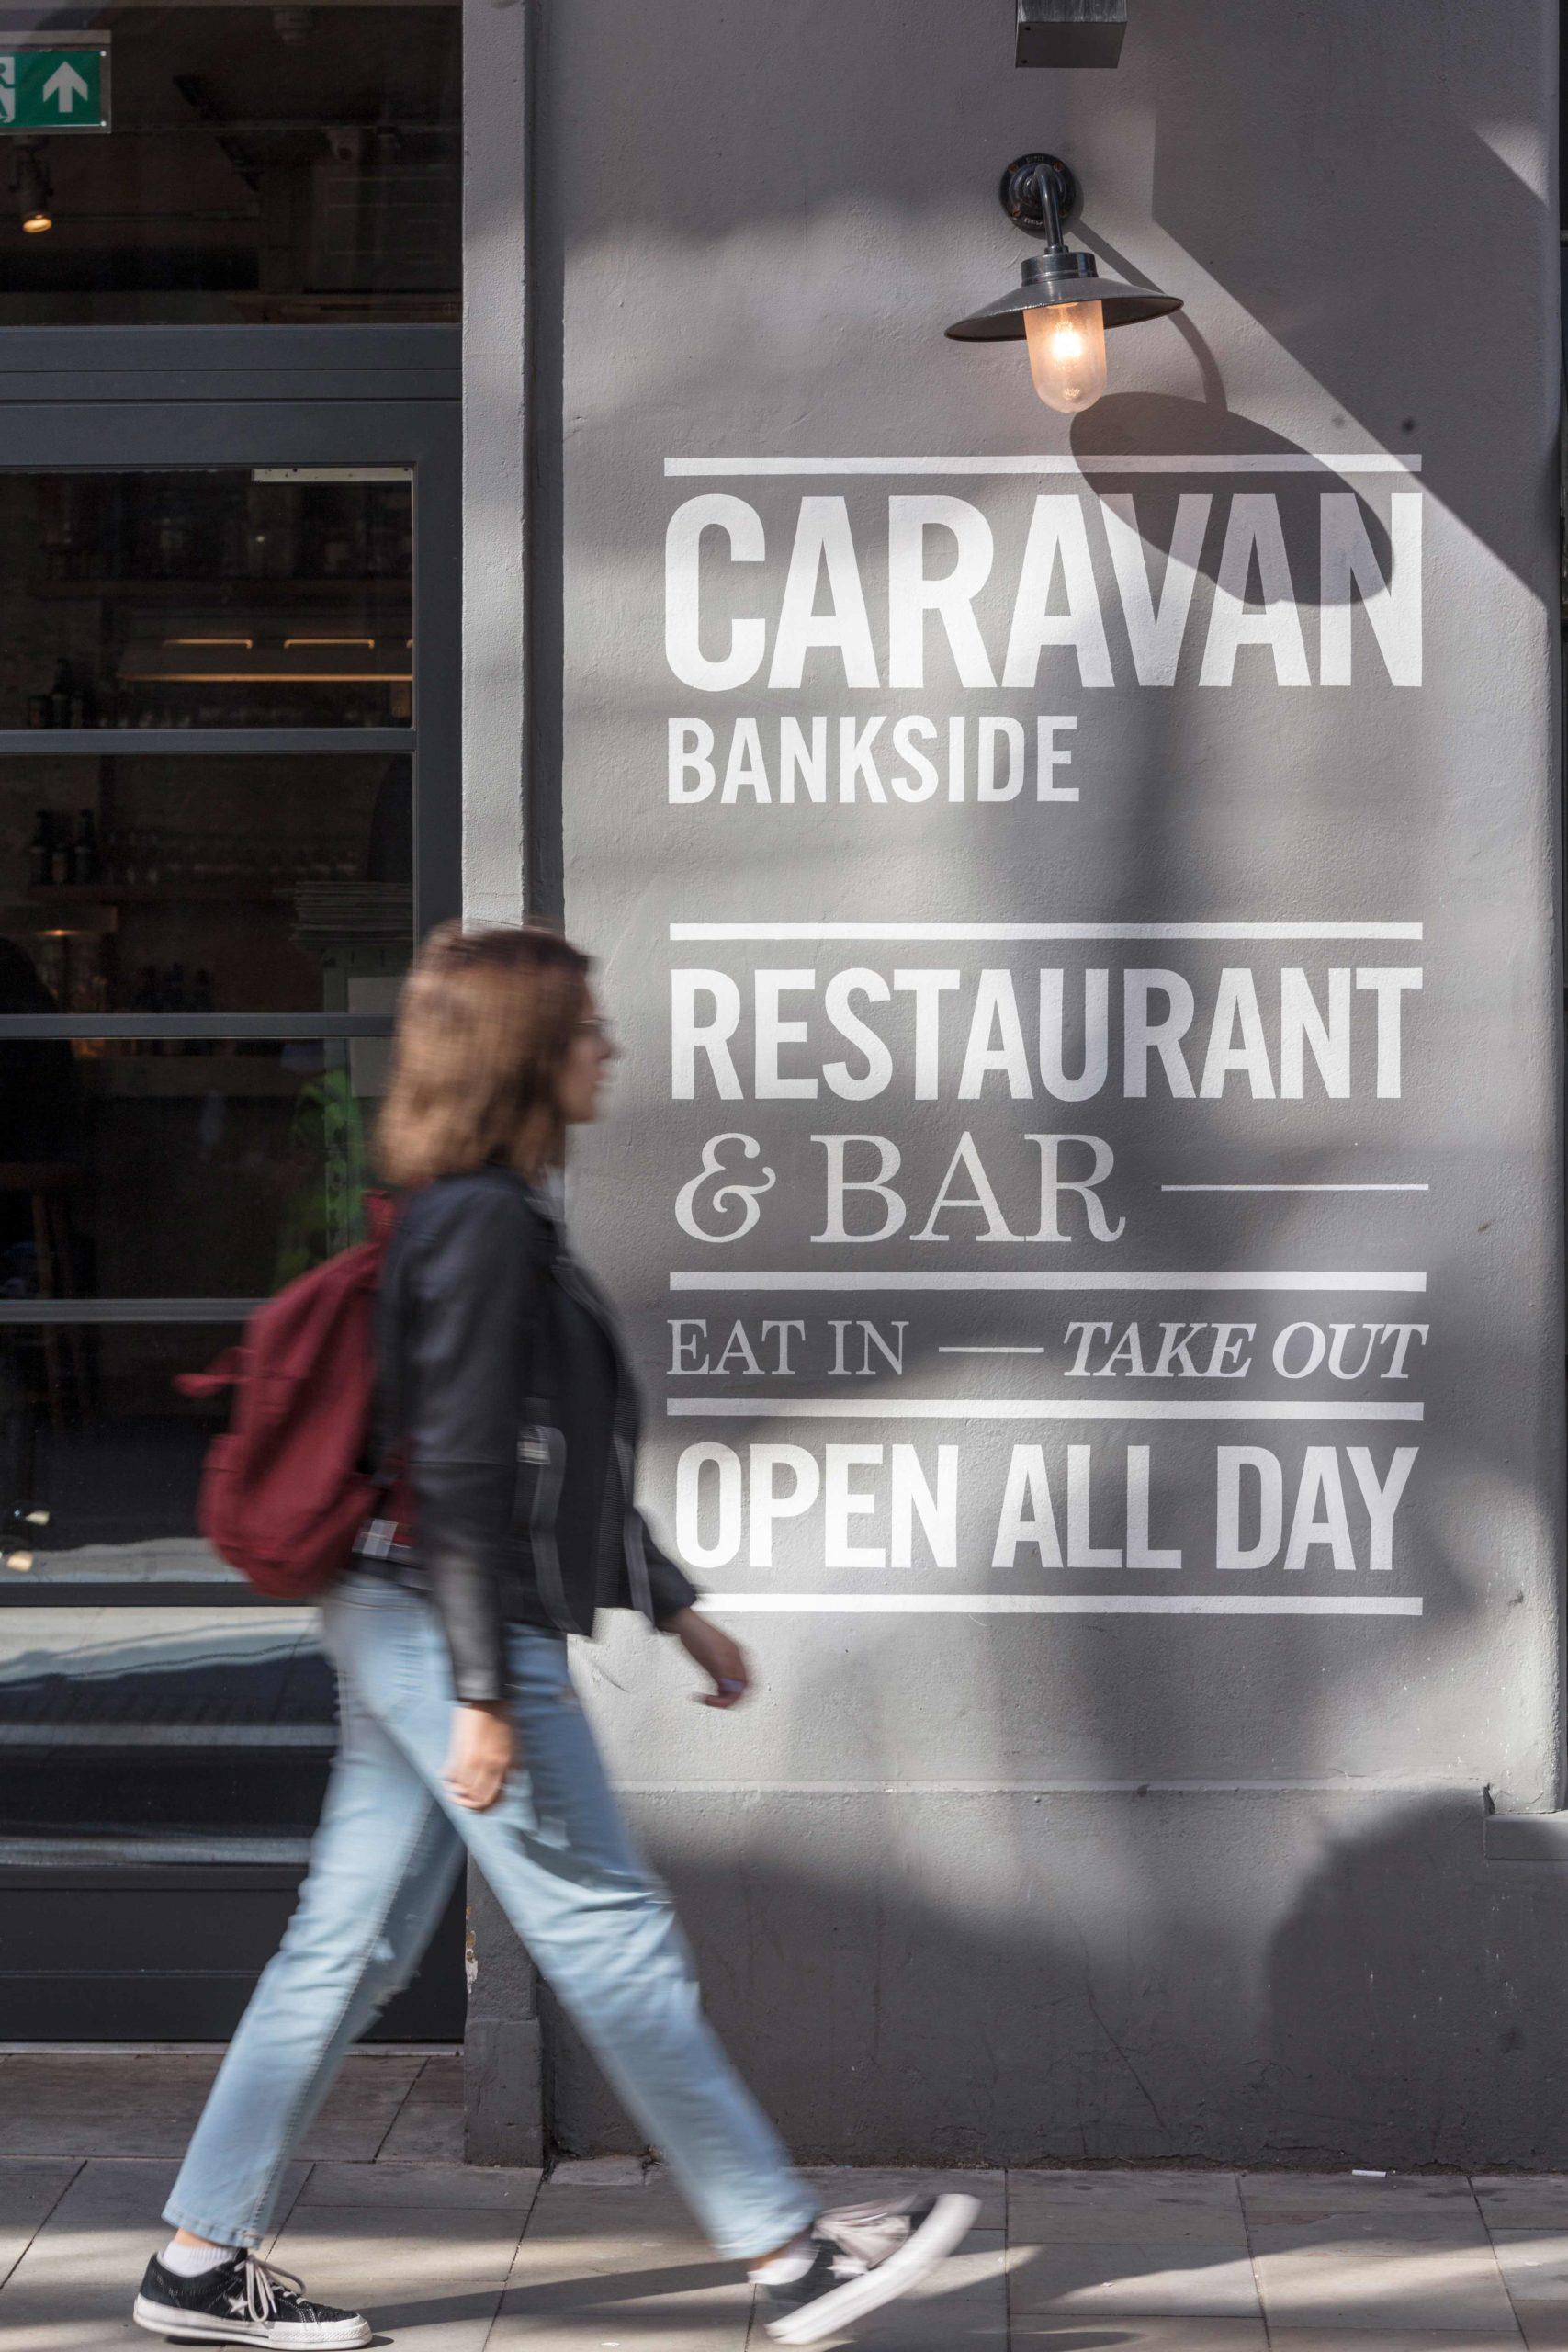 Caravan Bankside New Zealand Restaurant